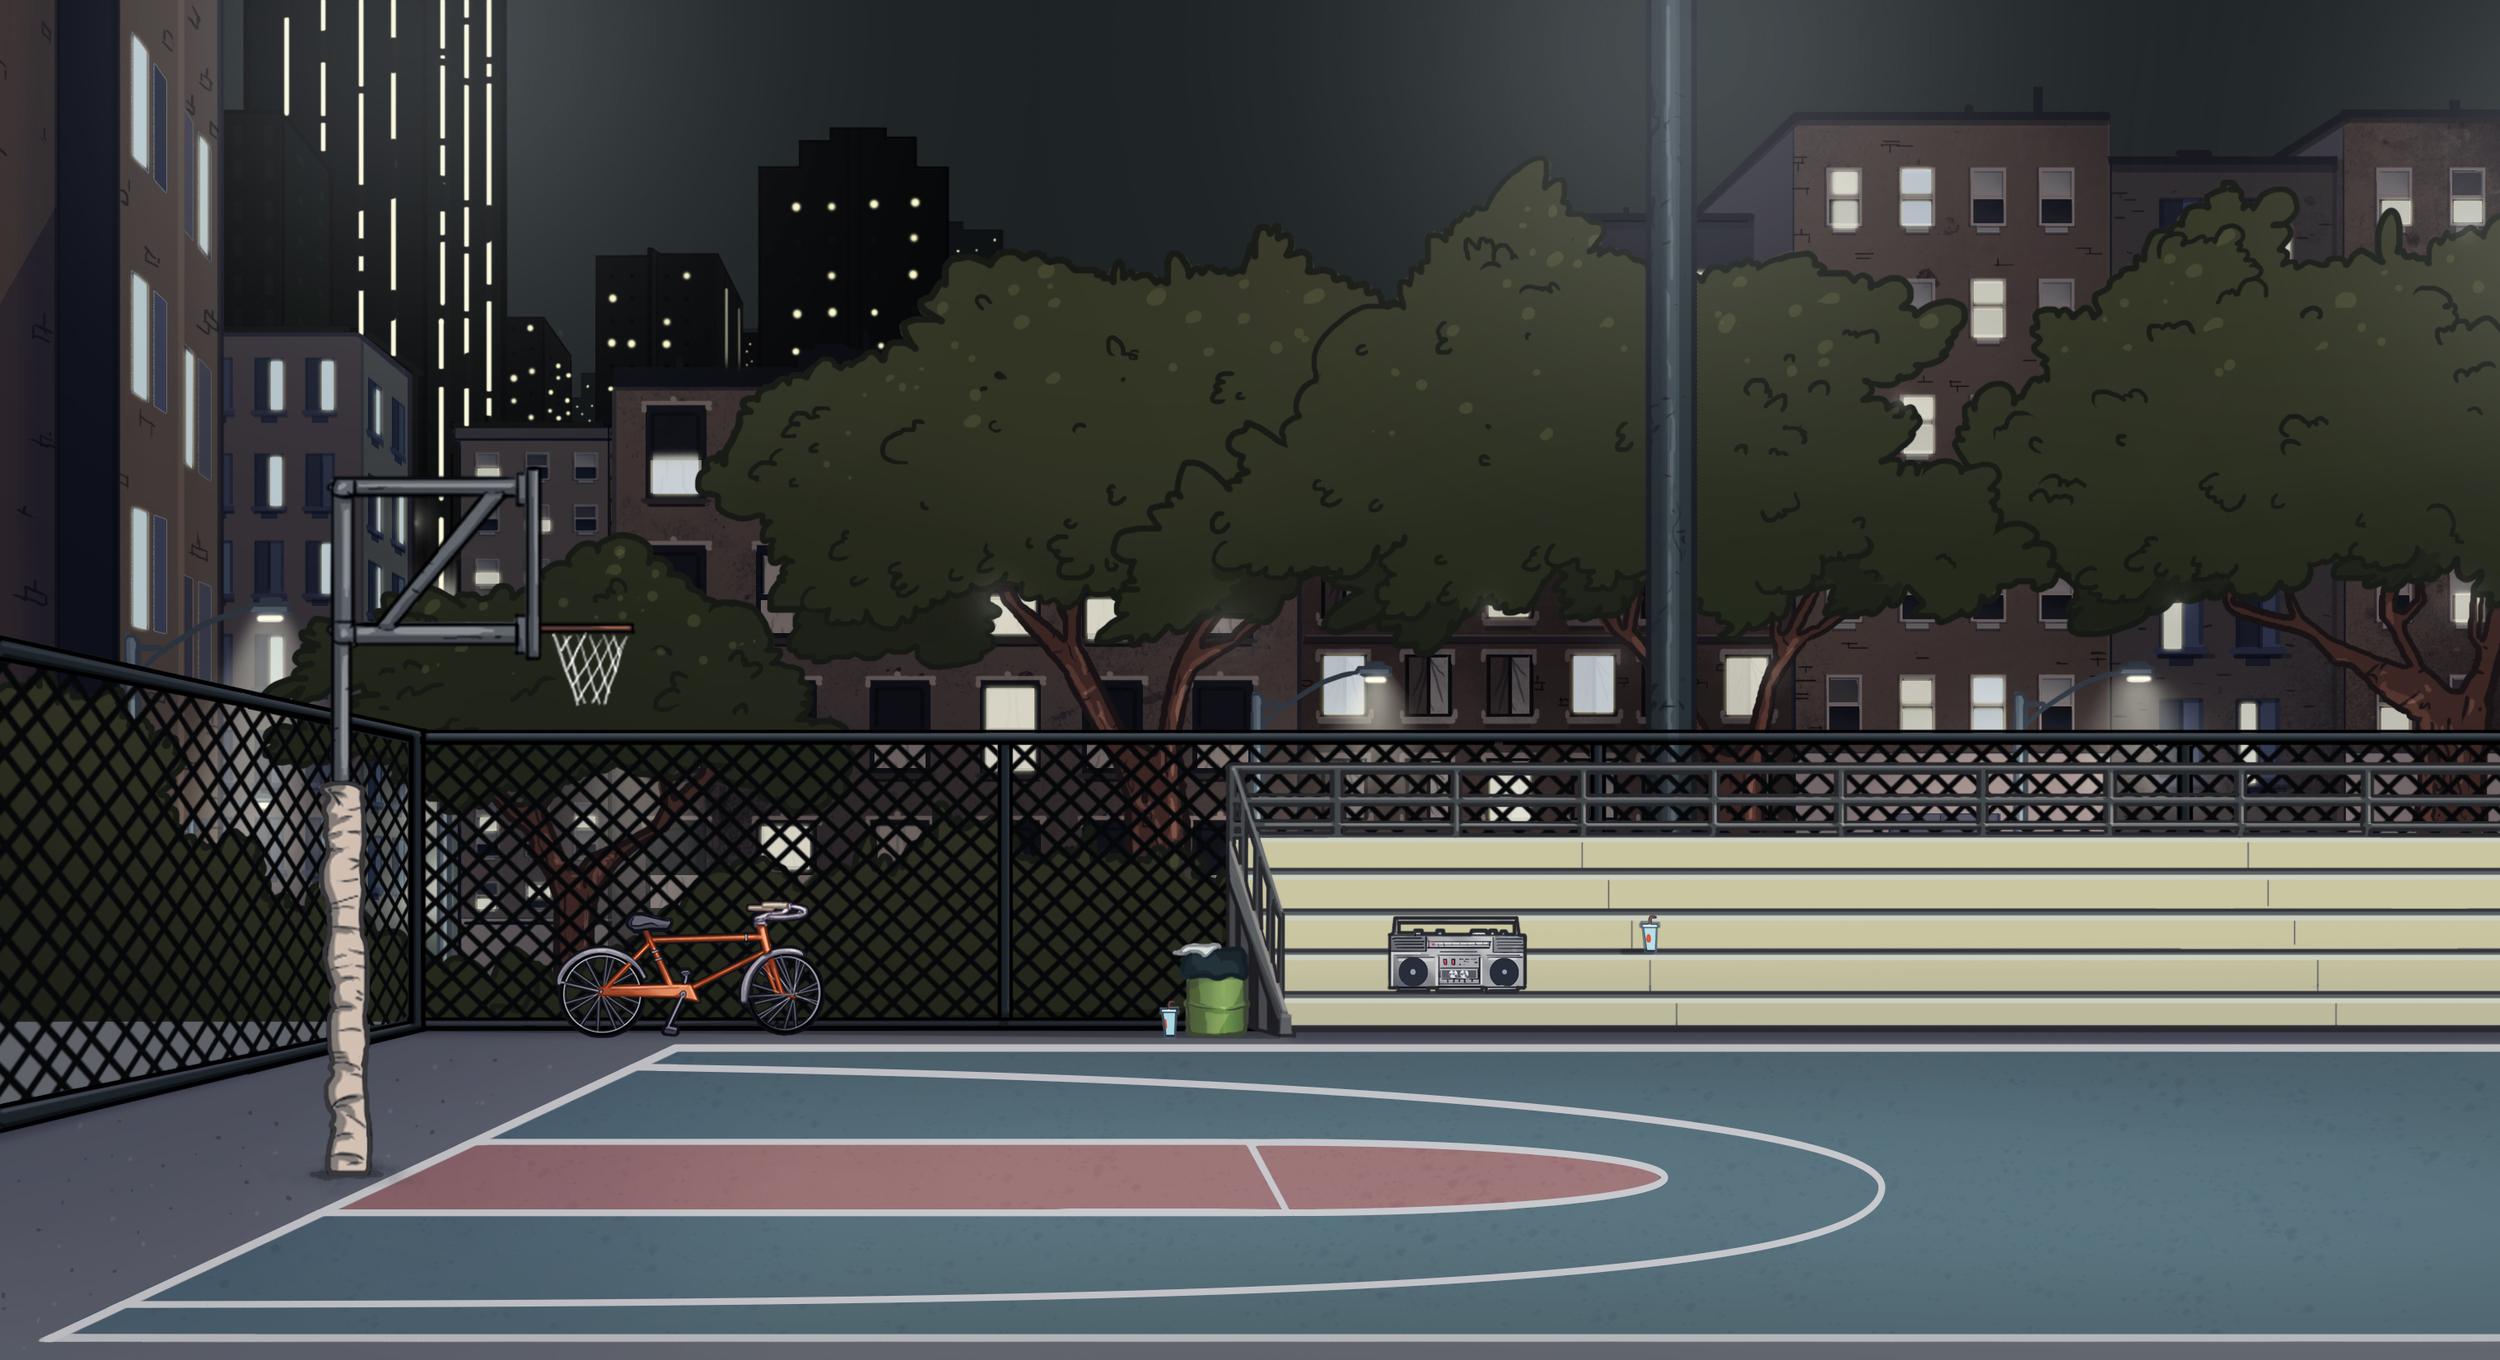 court_night_3.jpg